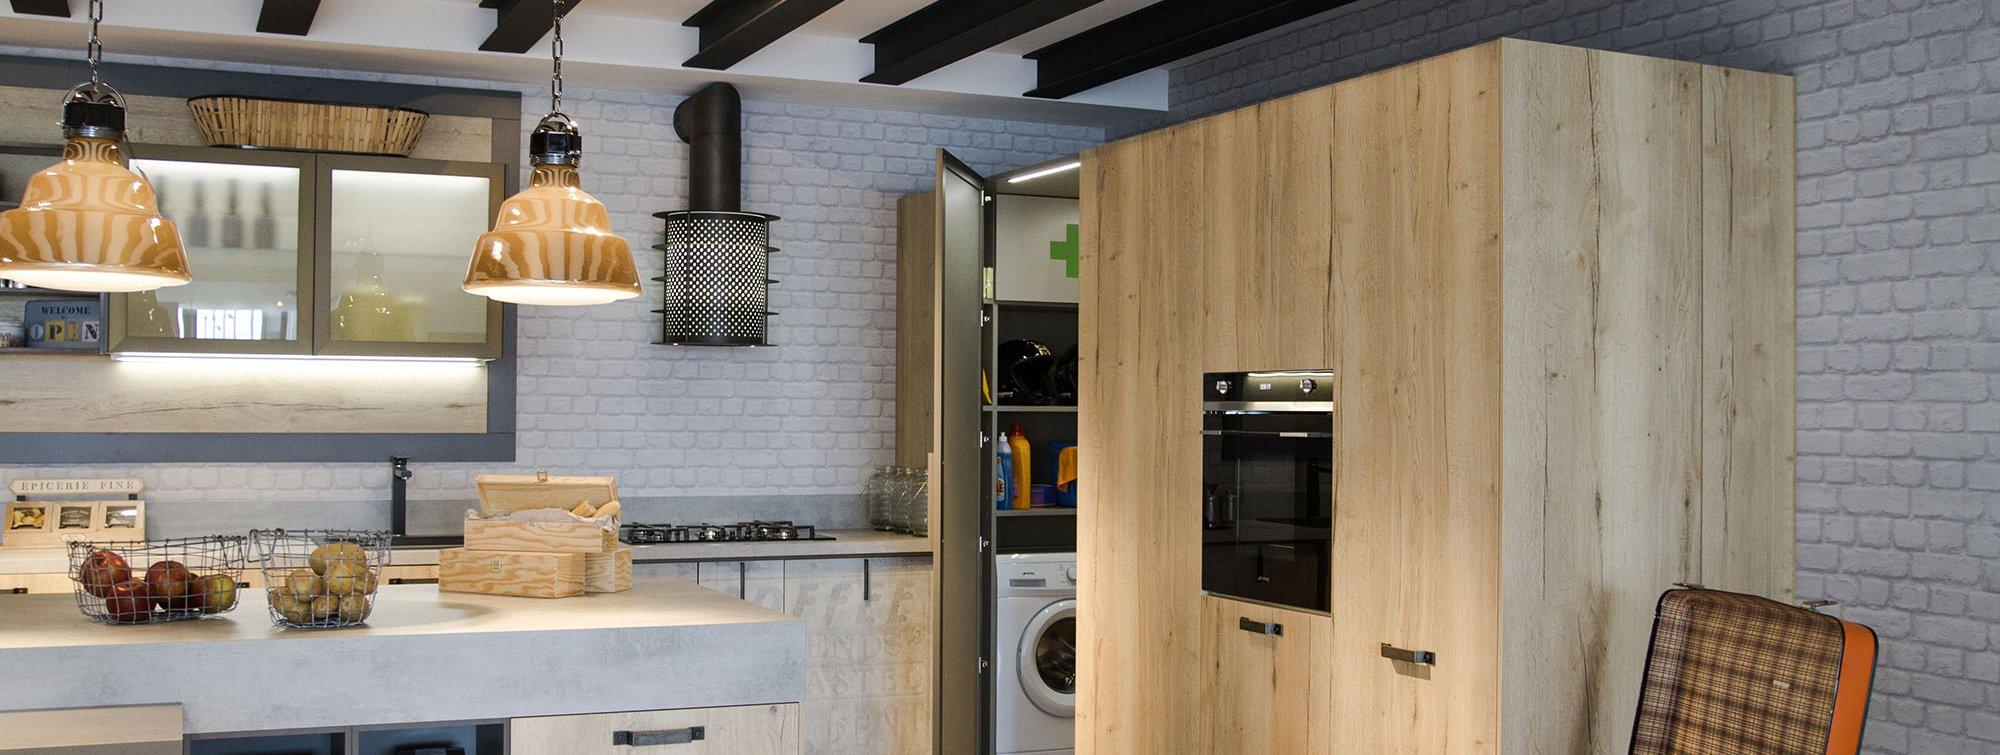 Armadiature a colonna per cucine trendy e funzionali cose di casa - Altezza parapetti finestre normativa ...